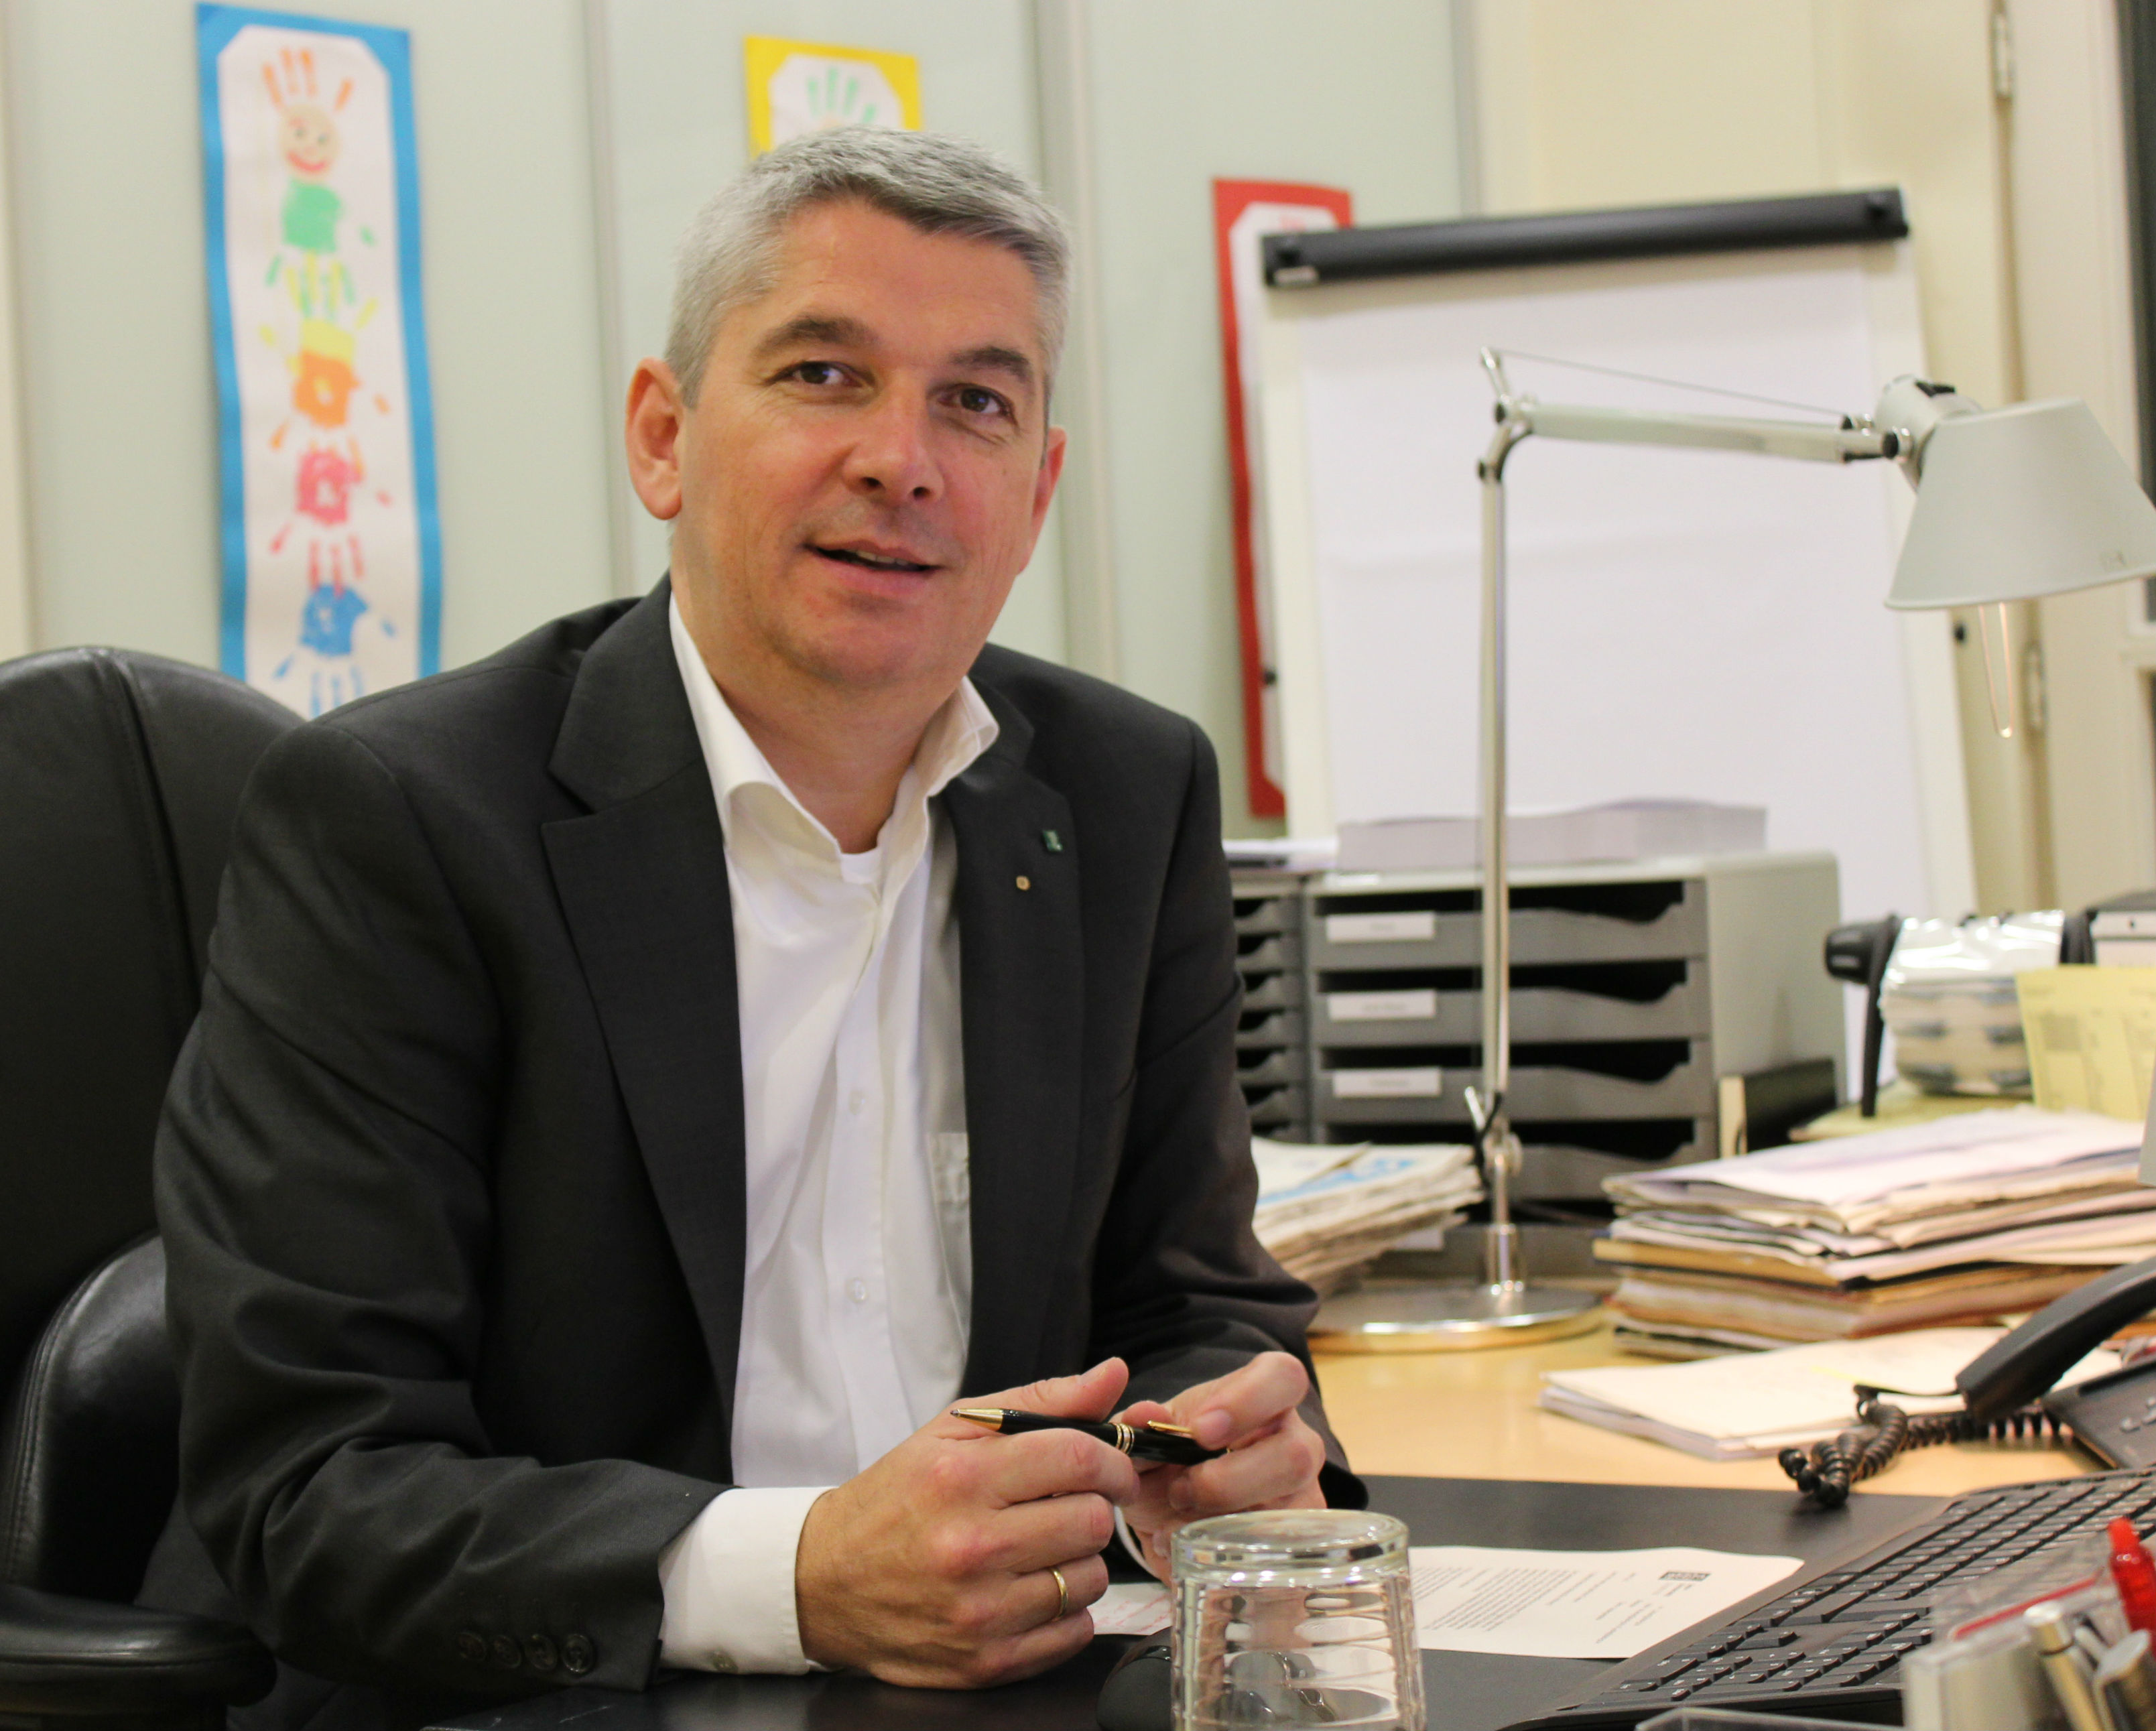 Bürgermeister Lutz Urbach